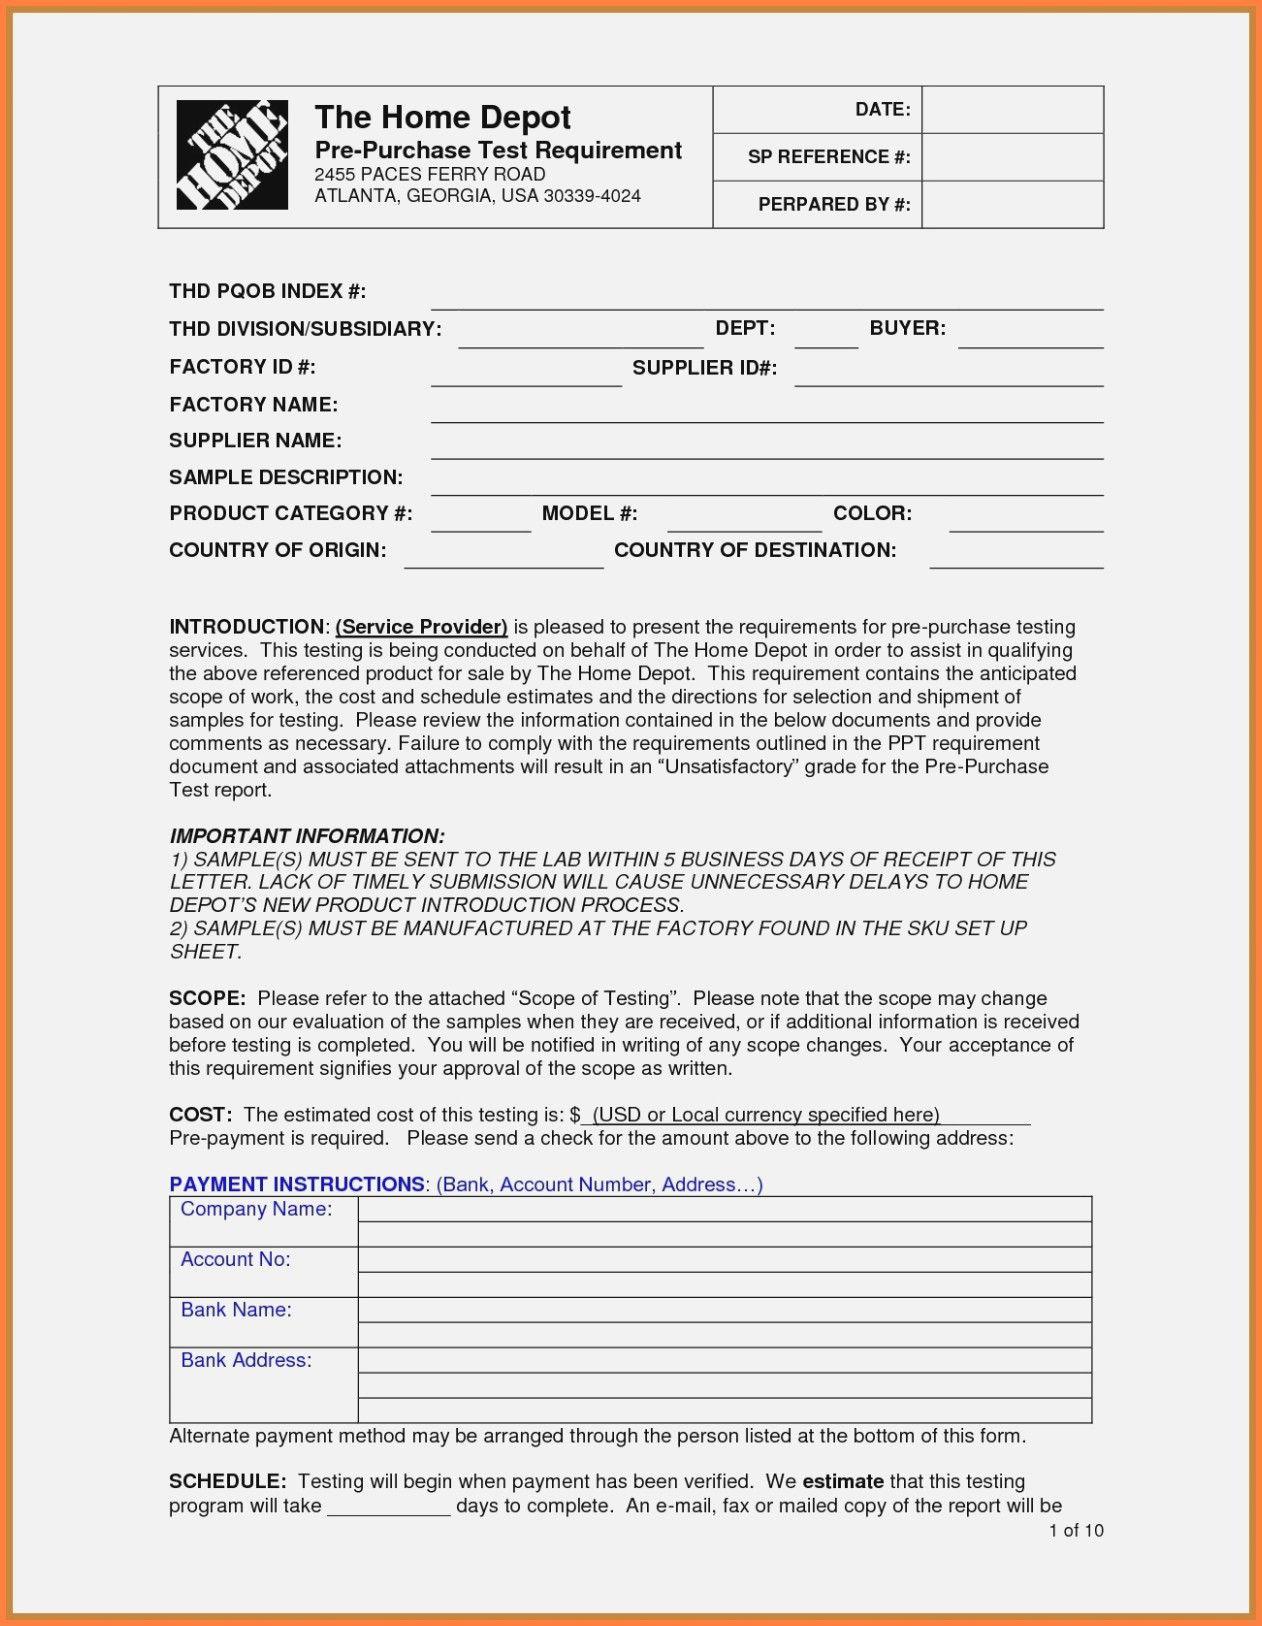 Home Depot Invoice Template Home Depot Receipt Template Hennessy Events Home Depot Invoice Templat In 2020 Invoice Template Schedule Template Career Development